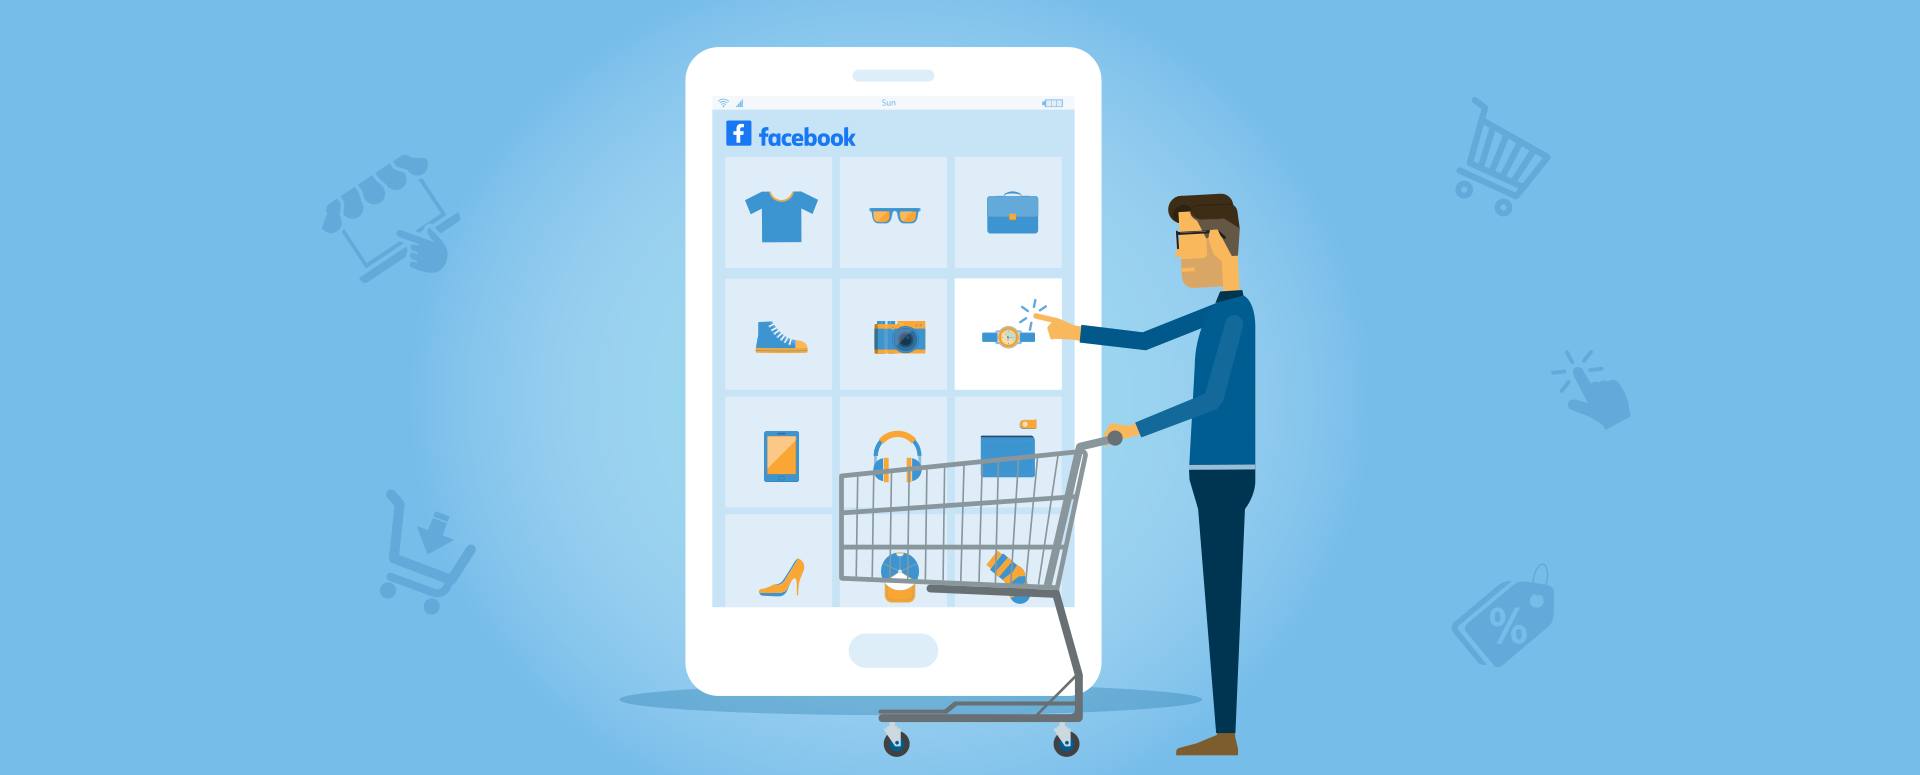 Facebook testuje nowe narzędzie dla firm szukających prostych i wygodnych rozwiązań e-commerce!